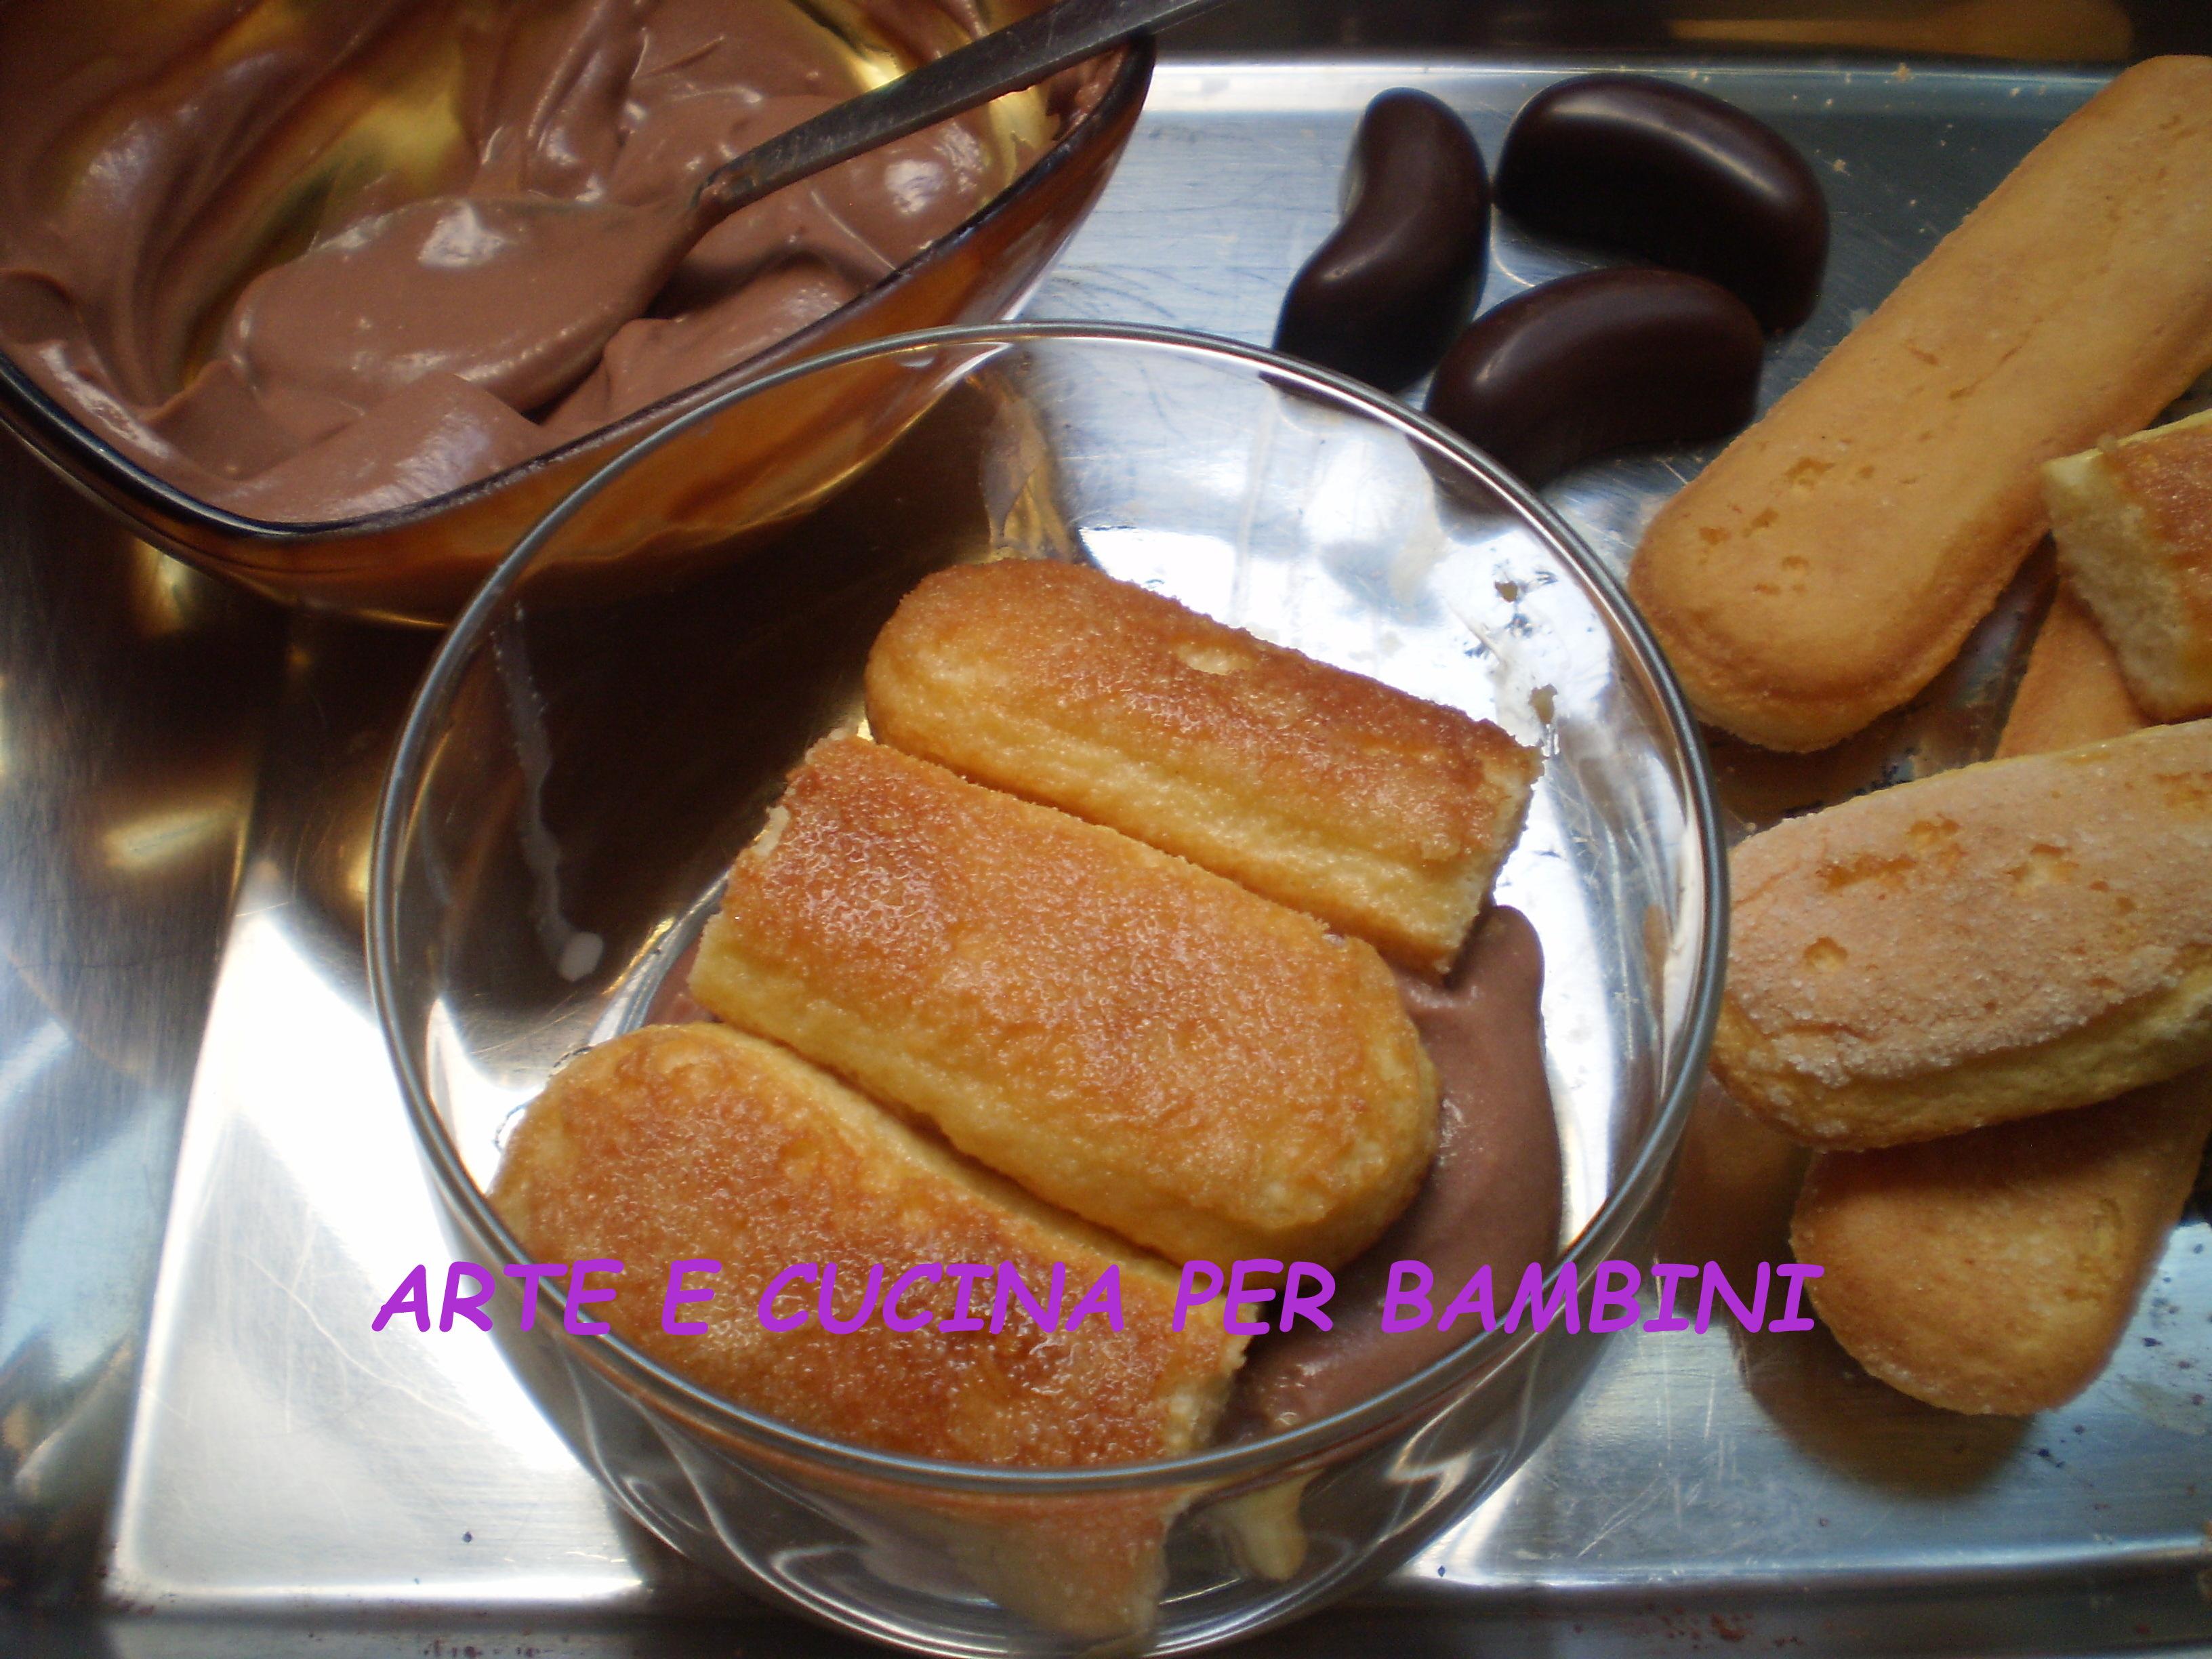 Tiramisu alla nutella arte e cucina per bambini for Cucina per bambini